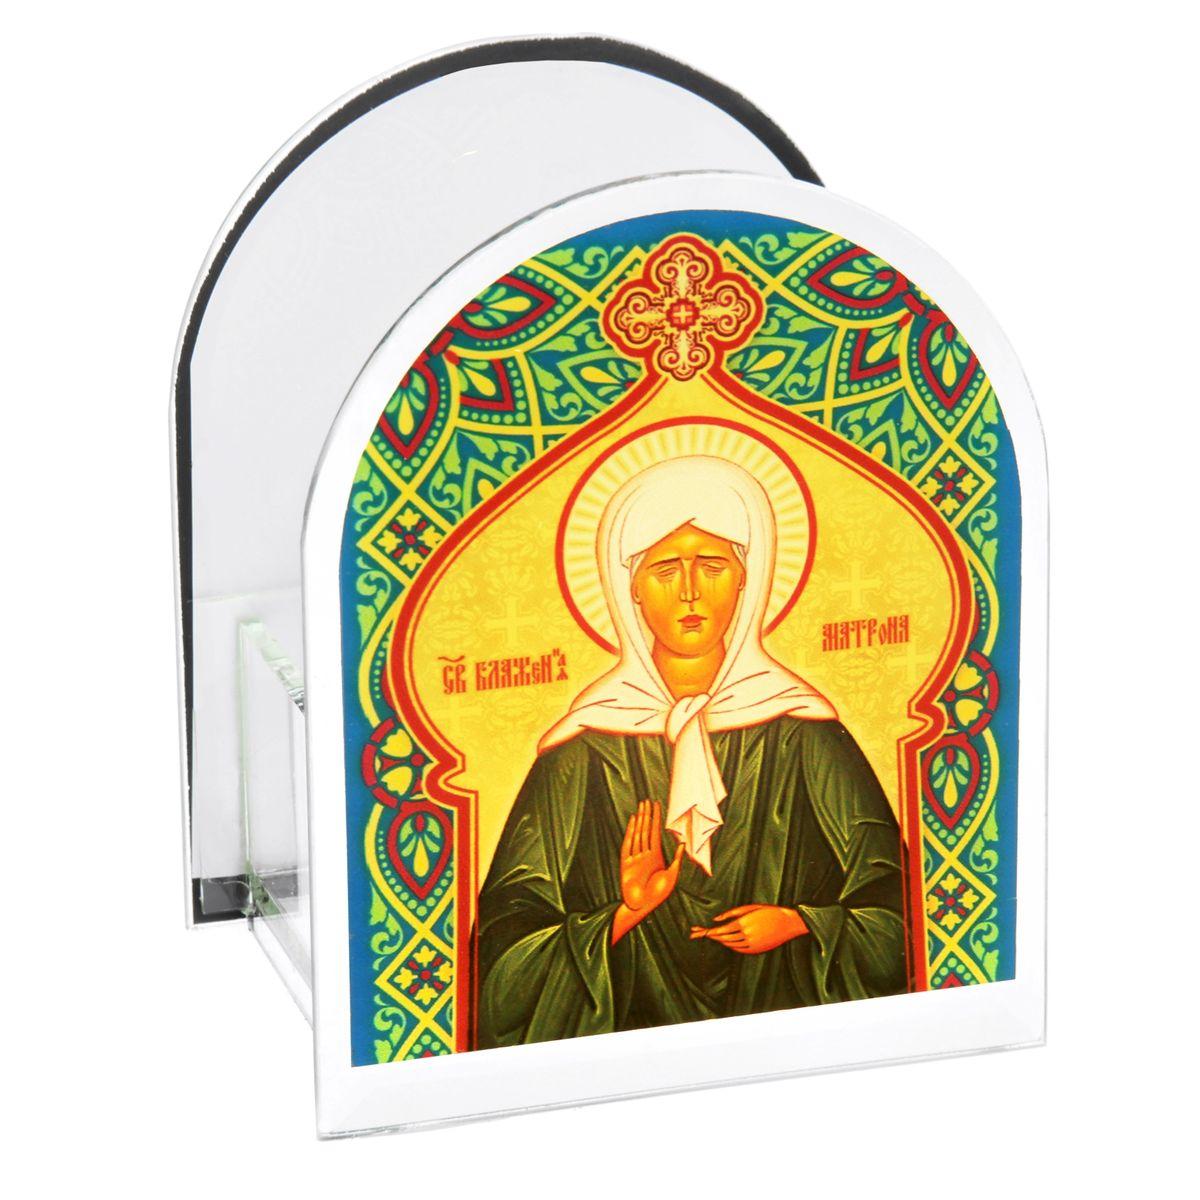 Подсвечник Sima-land Святая Матрона МосковскаяV4140/1SПодсвечник Sima-land Святая Матрона Московская изготовлен из качественного стекла, предназначен для свечи в гильзе. С одной стороны подсвечника изображен лик святого, с другой стороны нанесена молитва. Зажгите свечку поставьте ее в подсвечник и наслаждайтесь теплом, которое наполнит ваше сердце.Такой подсвечник привнесет в ваш дом согласие и мир и будет прекрасным подарком, оберегающим близких вам людей. Размер подсвечника (ДхШхВ): 9 см х 7 см х 11 см.Диаметр отверстия для свечи: 4,5 см.